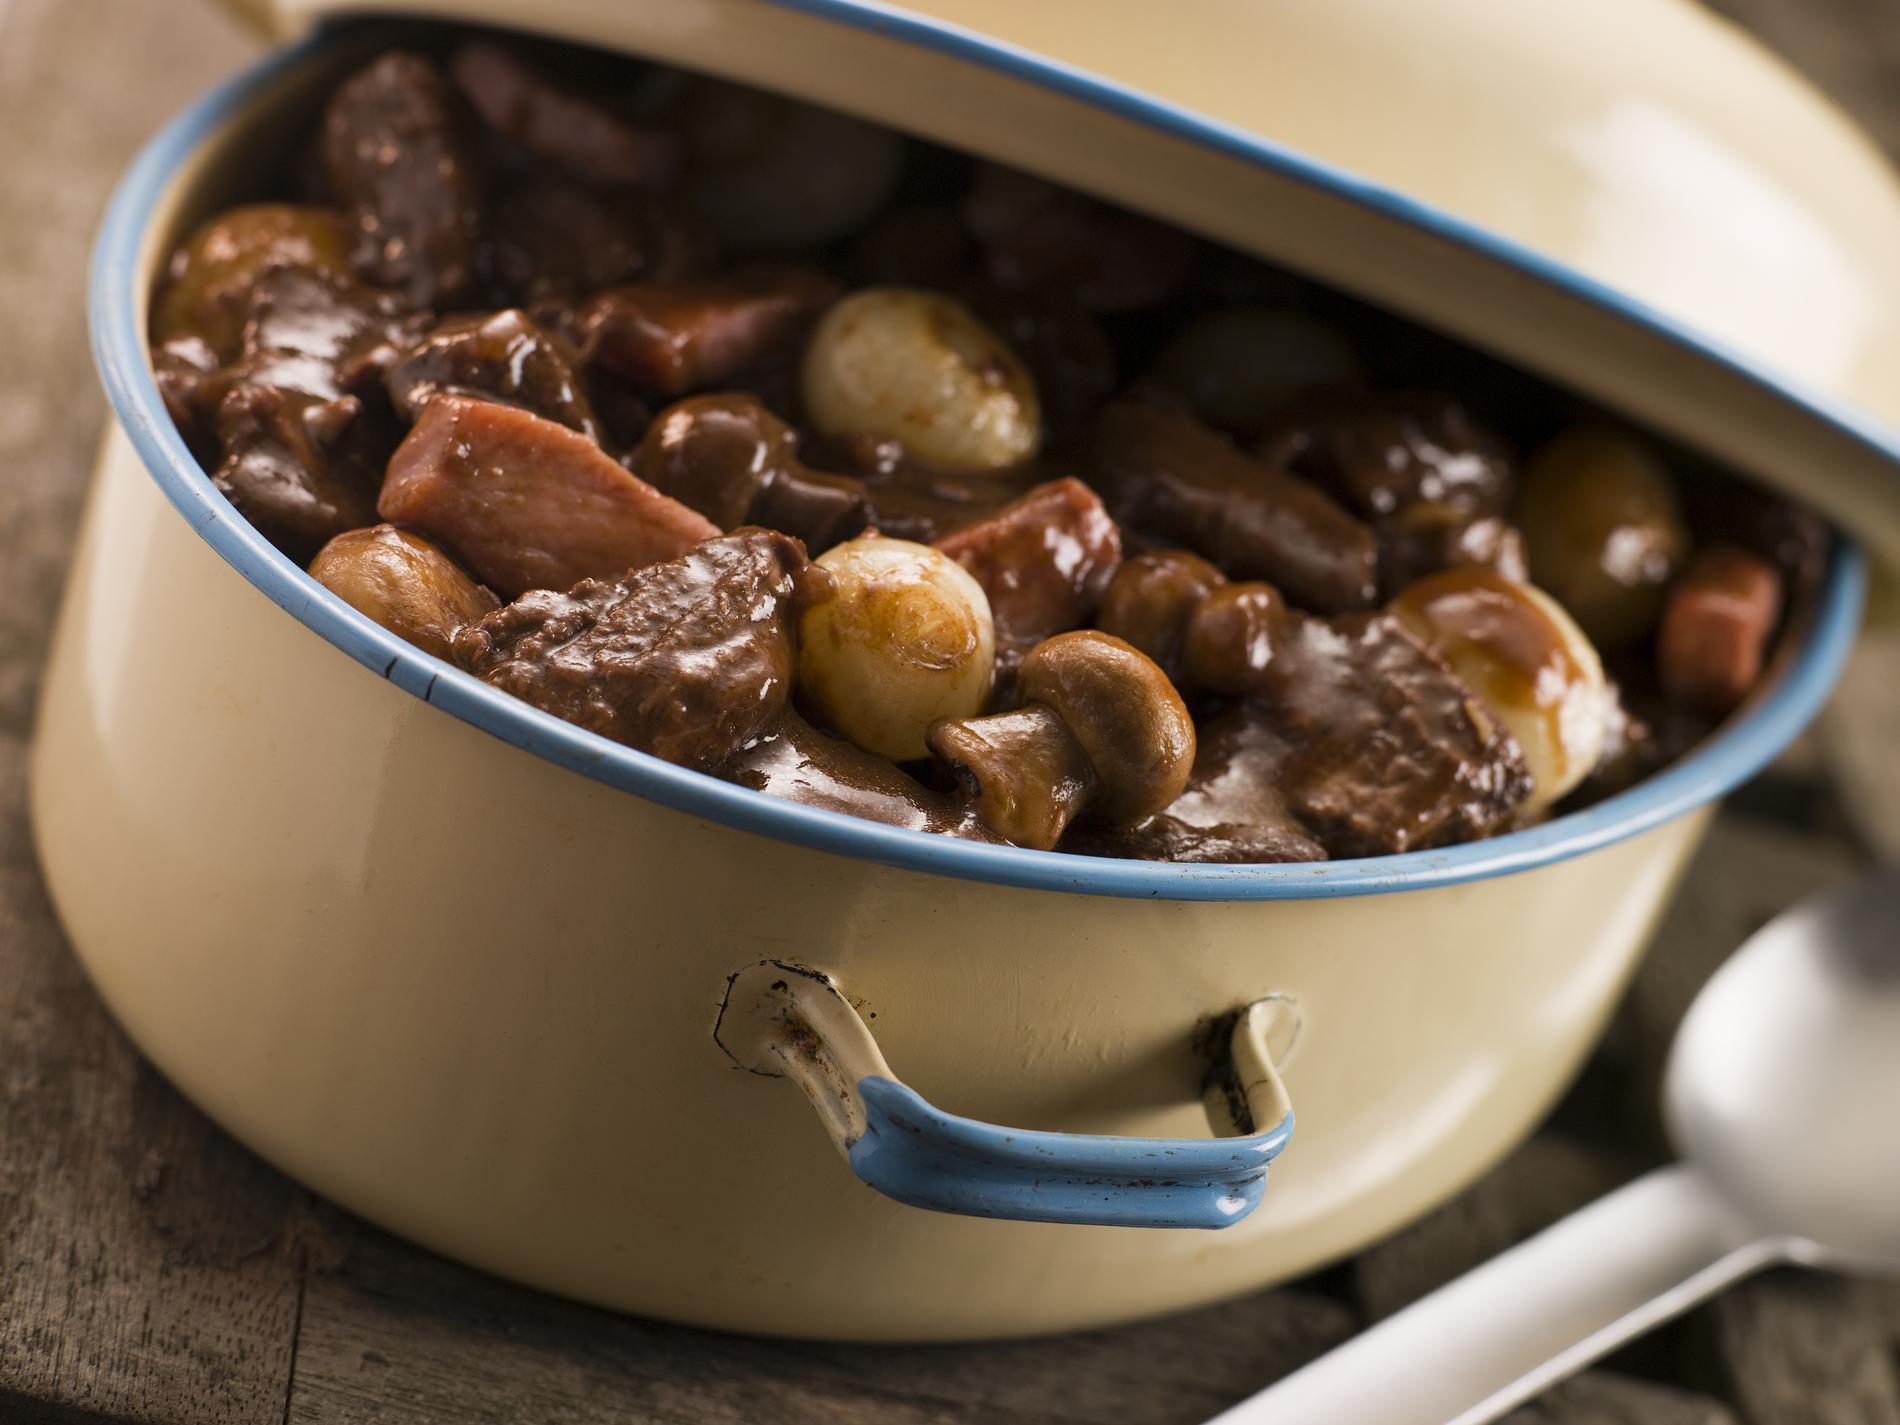 Recette le b uf bourguignon cuisine madame figaro - Livre de cuisine traditionnelle francaise ...